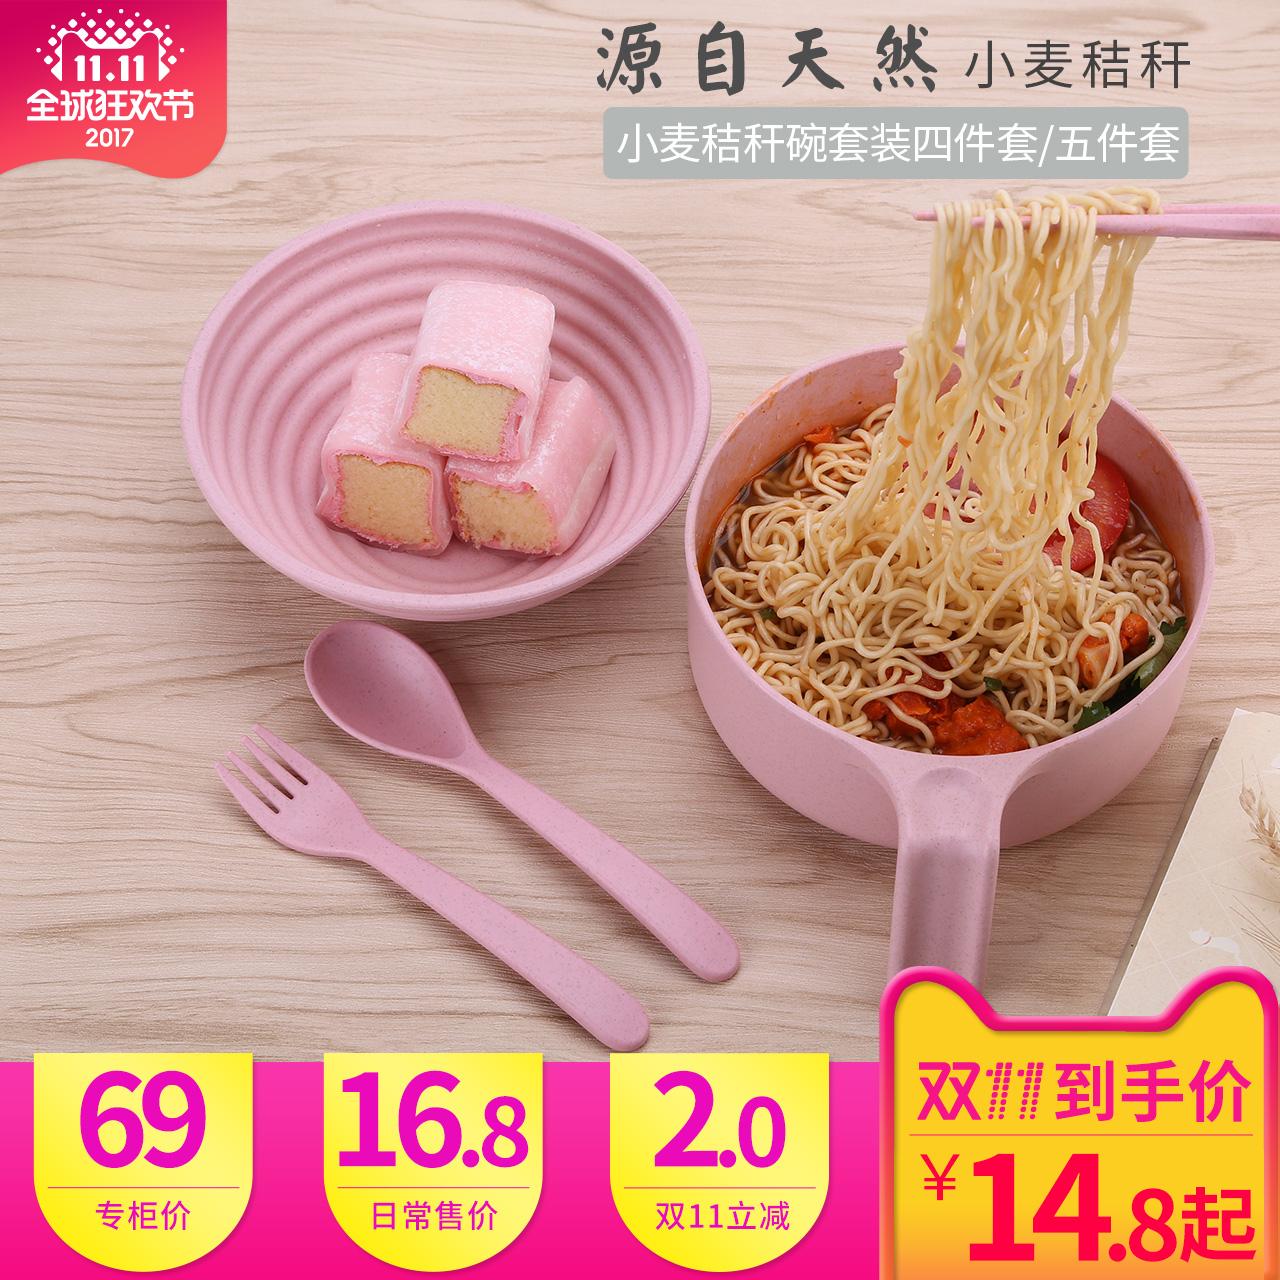 Домой японский посуда пшеница соломенный чаша палочки для еды установите студент комната с несколькими кроватями крышка милый пластик удобство поверхность пузырь чаша